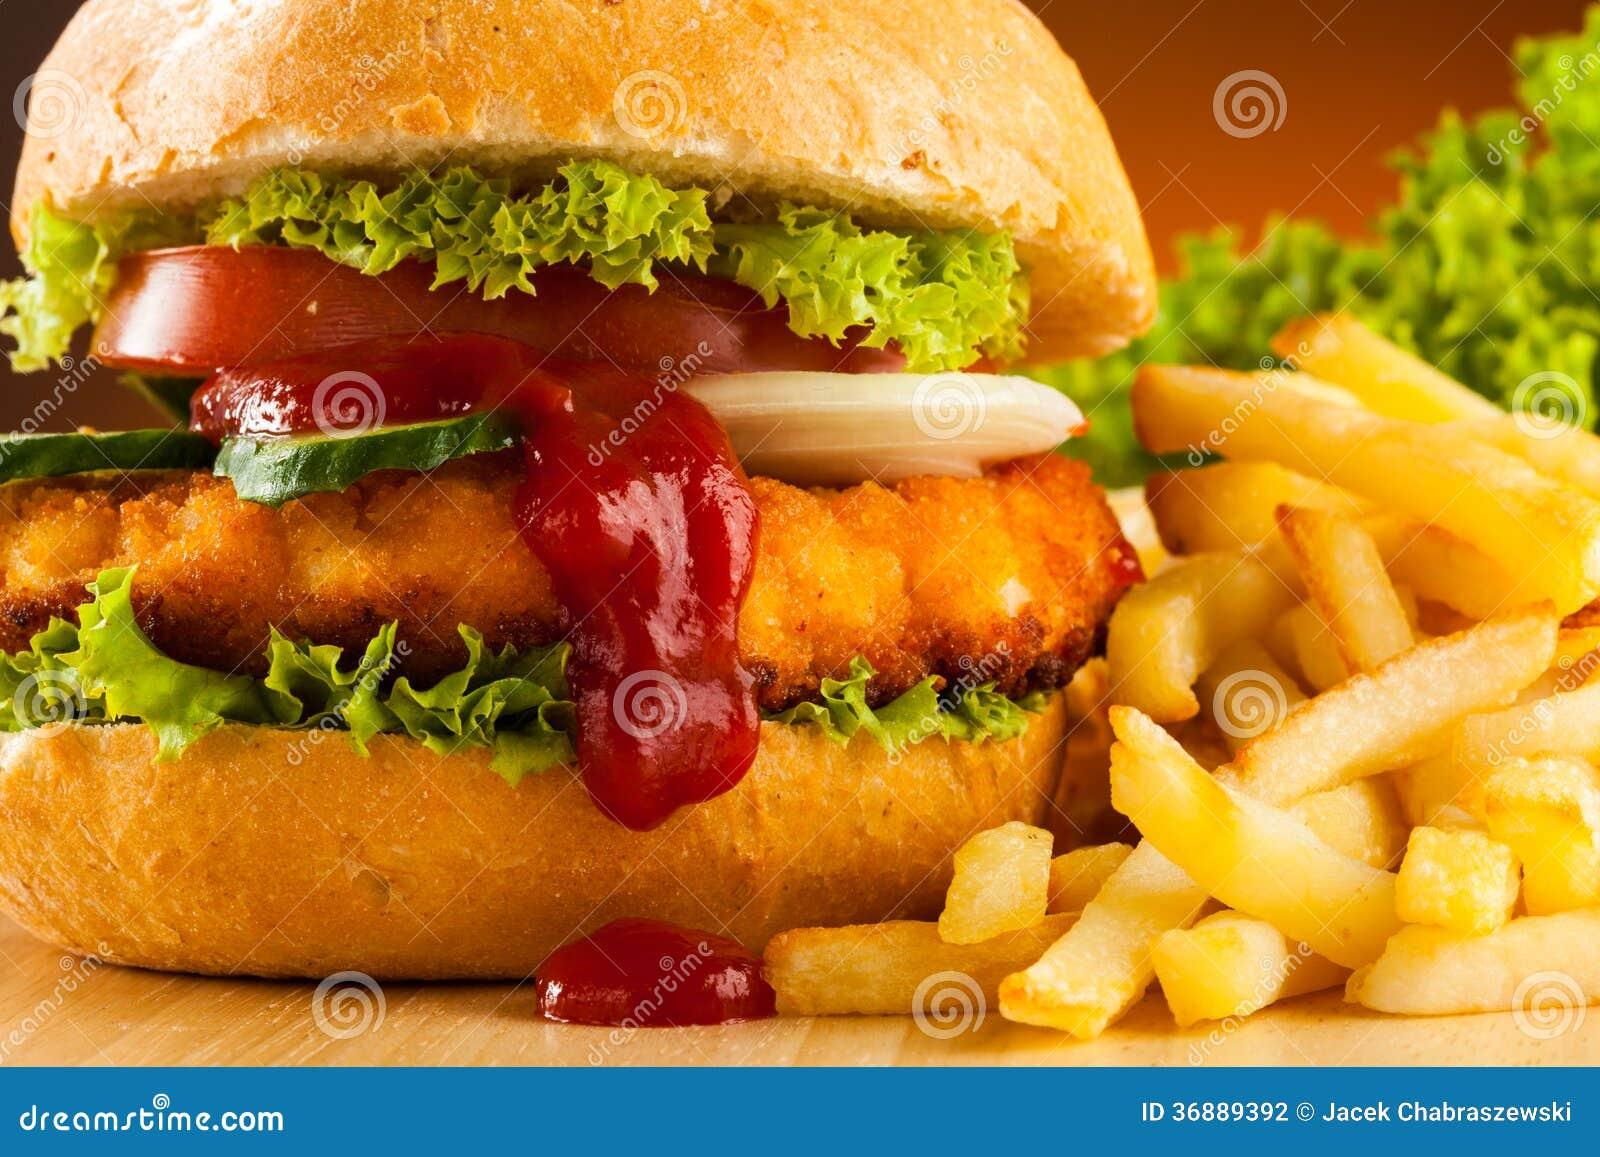 Download Hamburger fotografia stock. Immagine di pranzo, fresco - 36889392